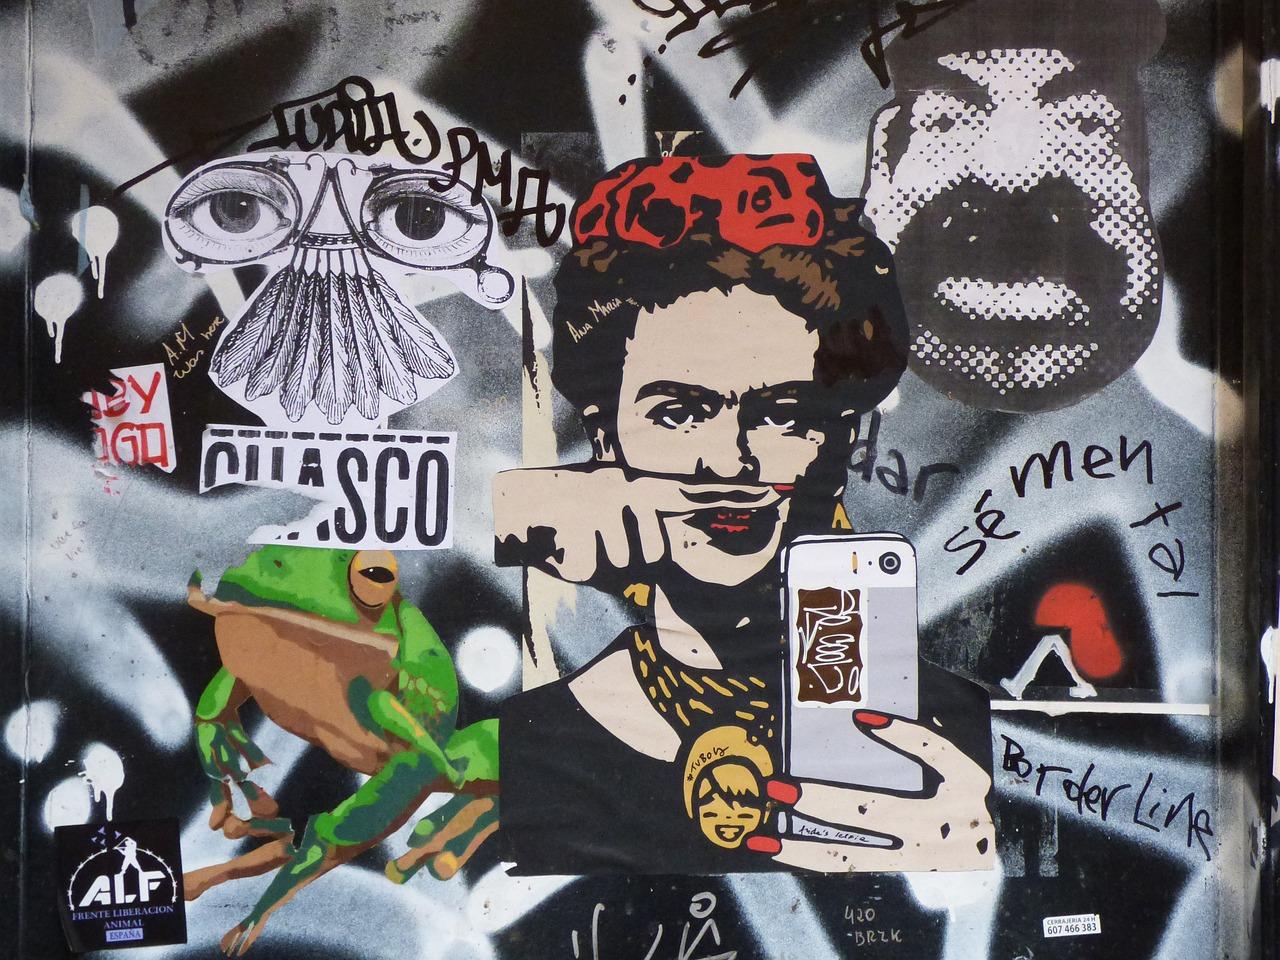 graffiti cruce de caminos relatos beitavg